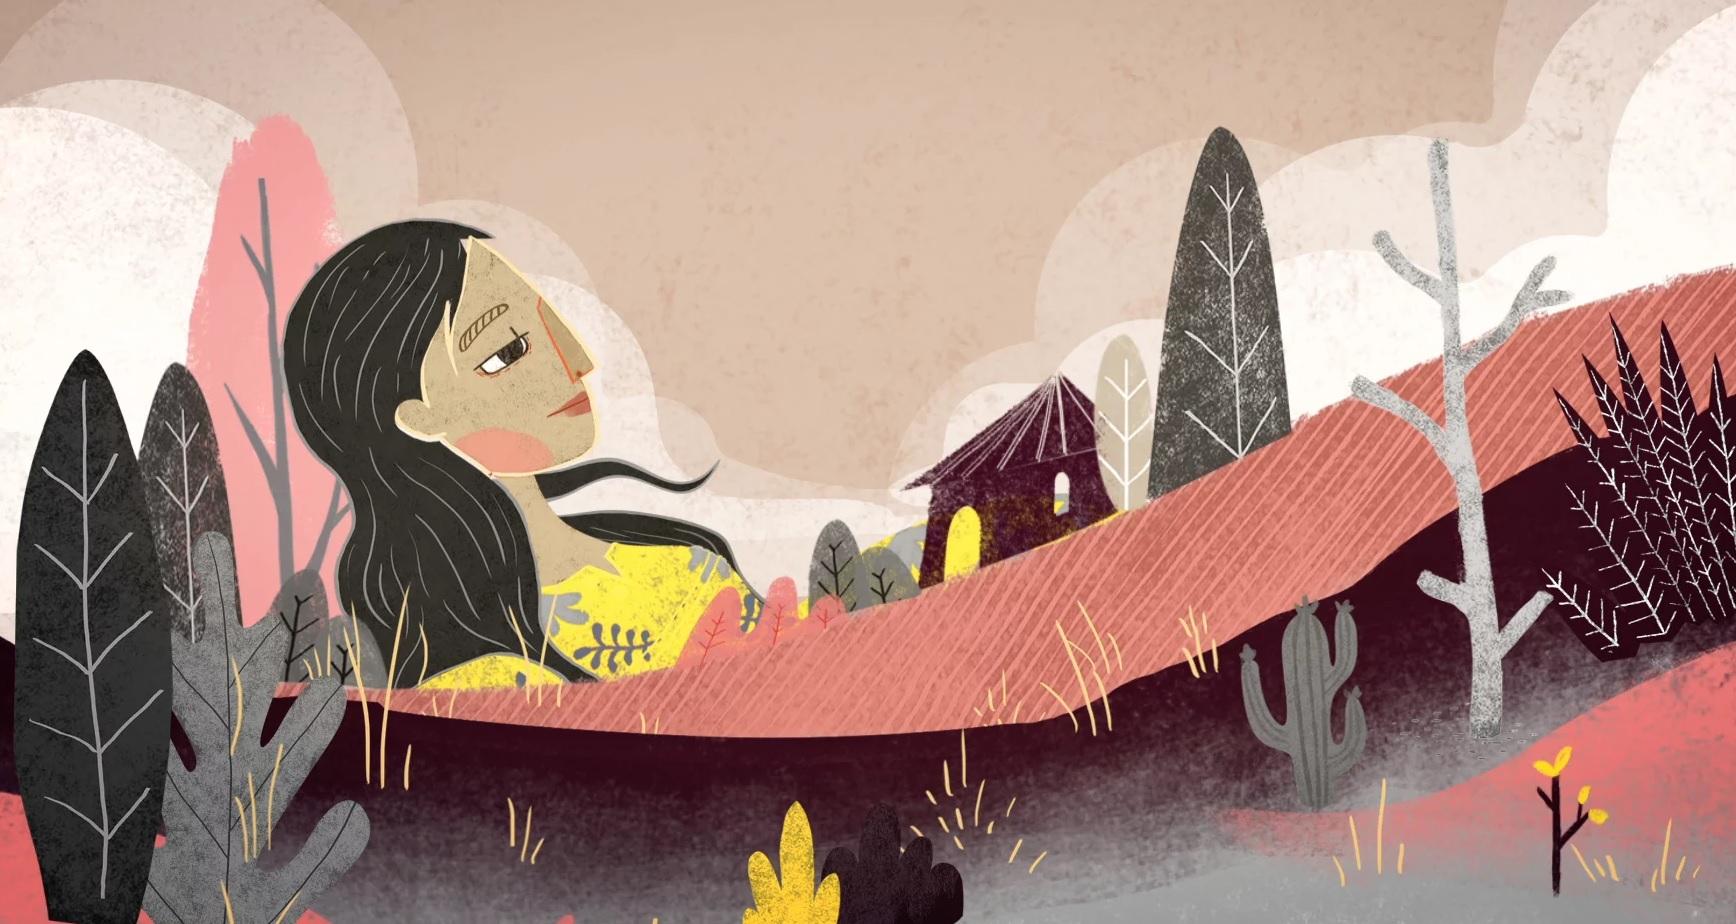 Ahora los cuentos indígenas pasan de la tradición oral a la animación